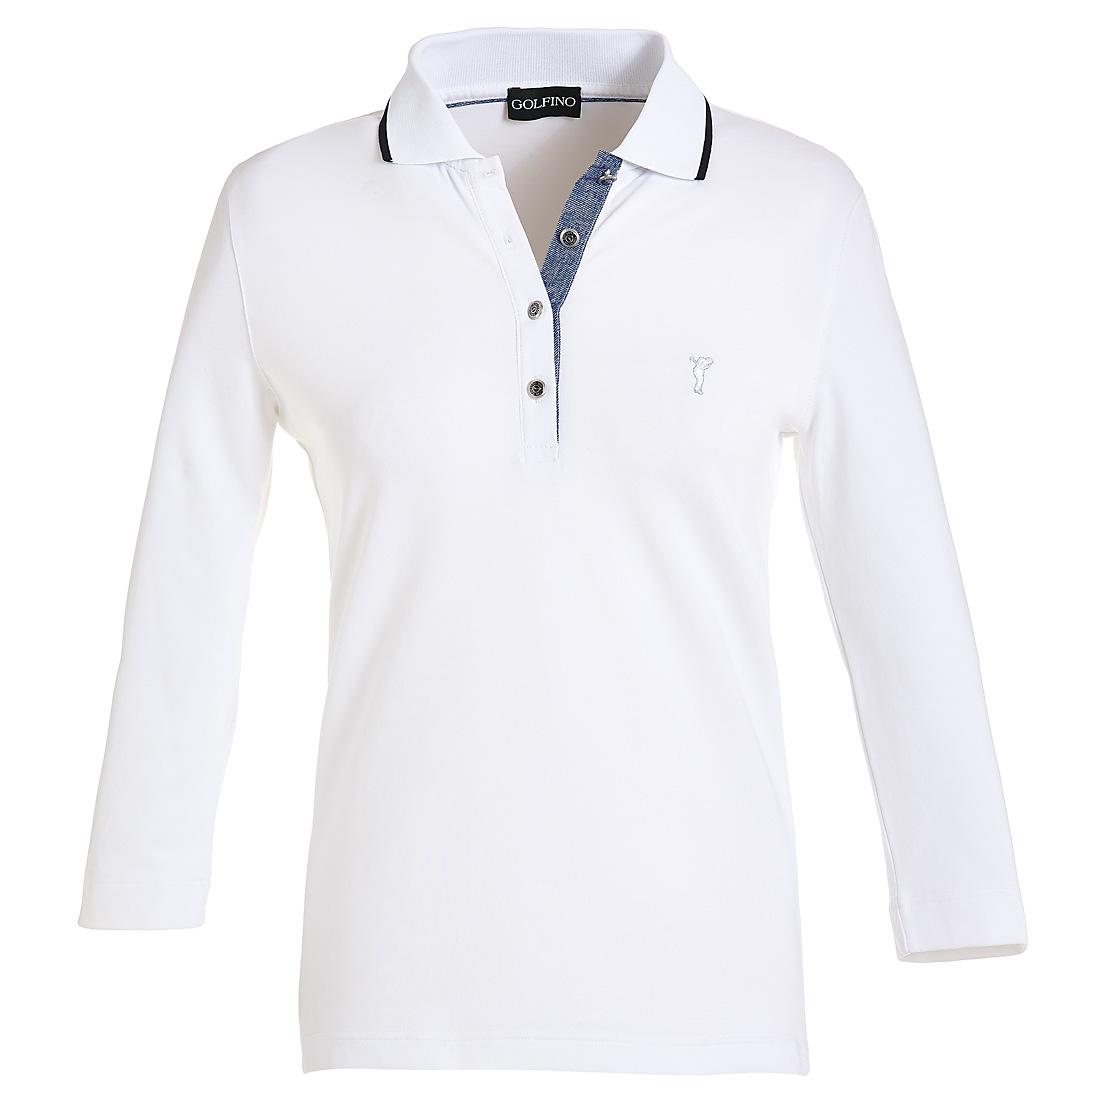 3/4-Arm Poloshirt mit Sonnenschutz